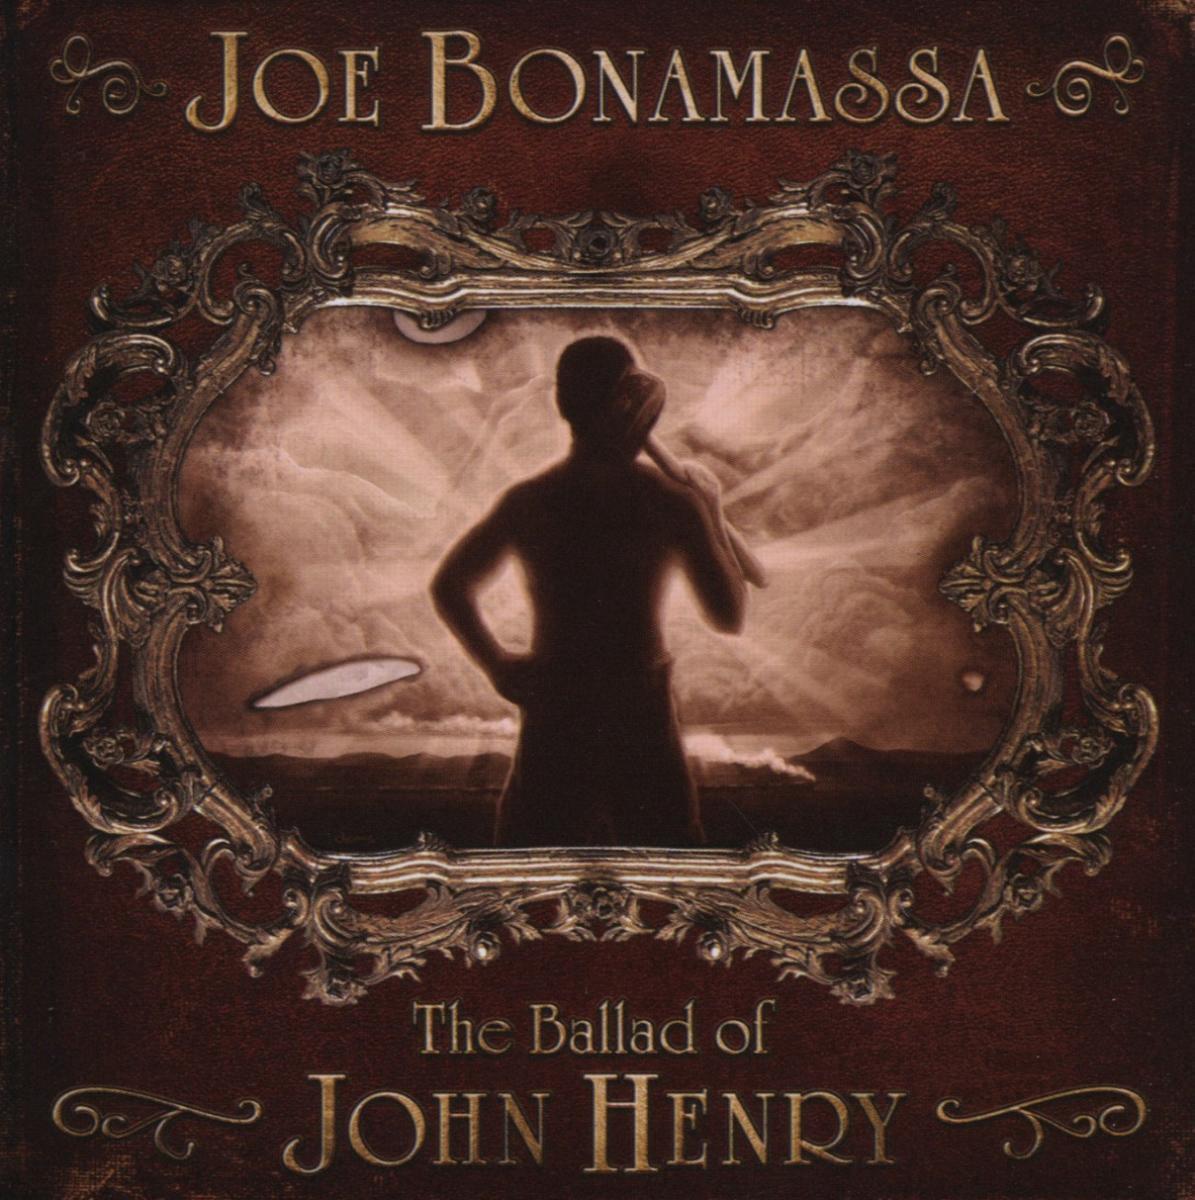 Ballad of John Henry - Joe Bonamassa